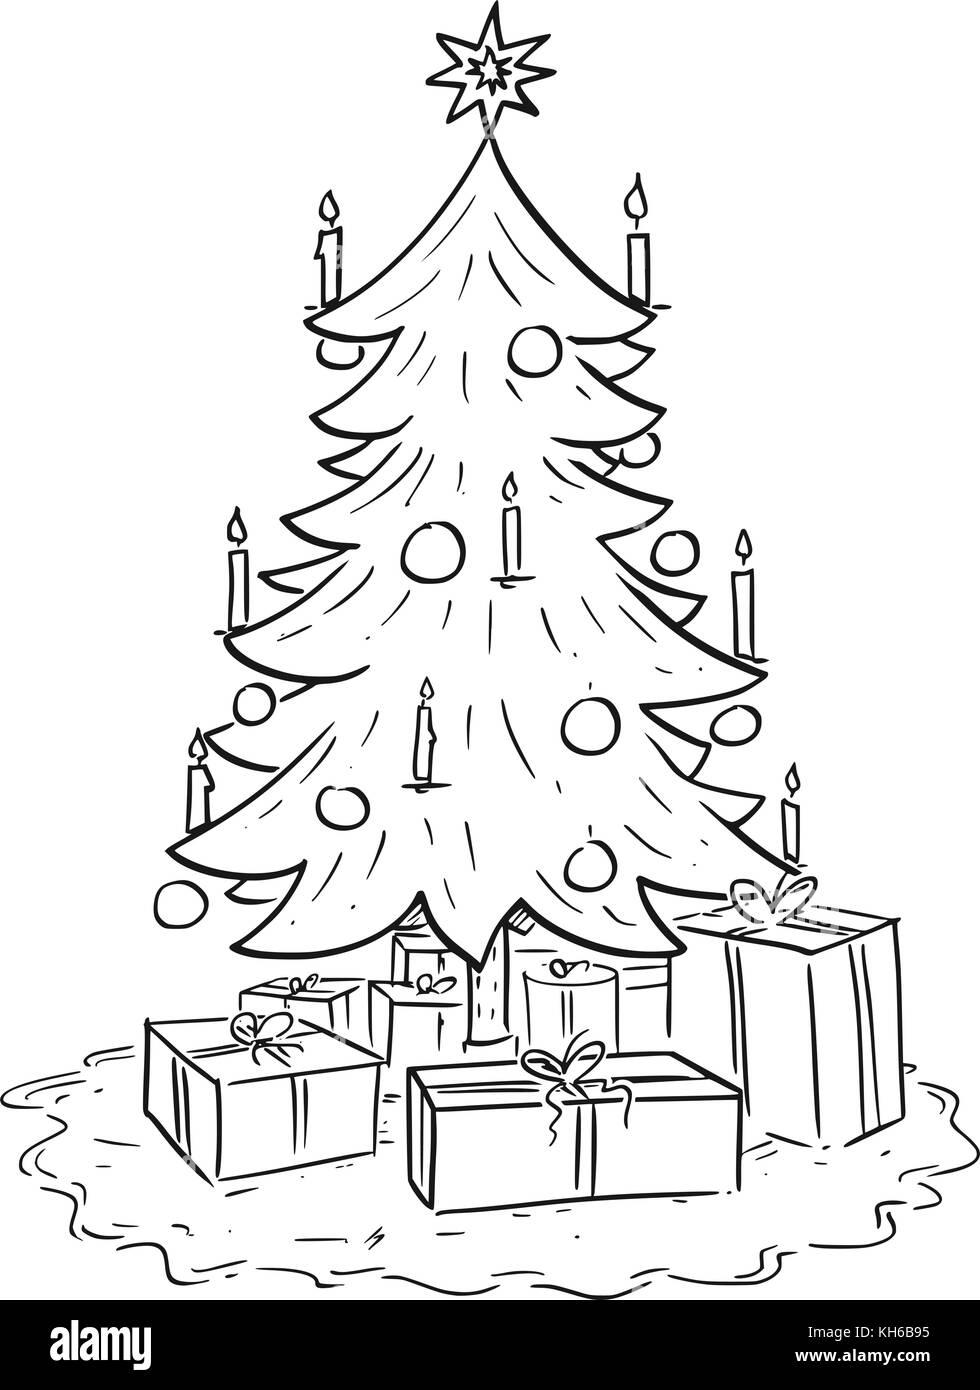 Disegno Del Fumetto Illustrazione Del Natale Di Abete O Abete Con